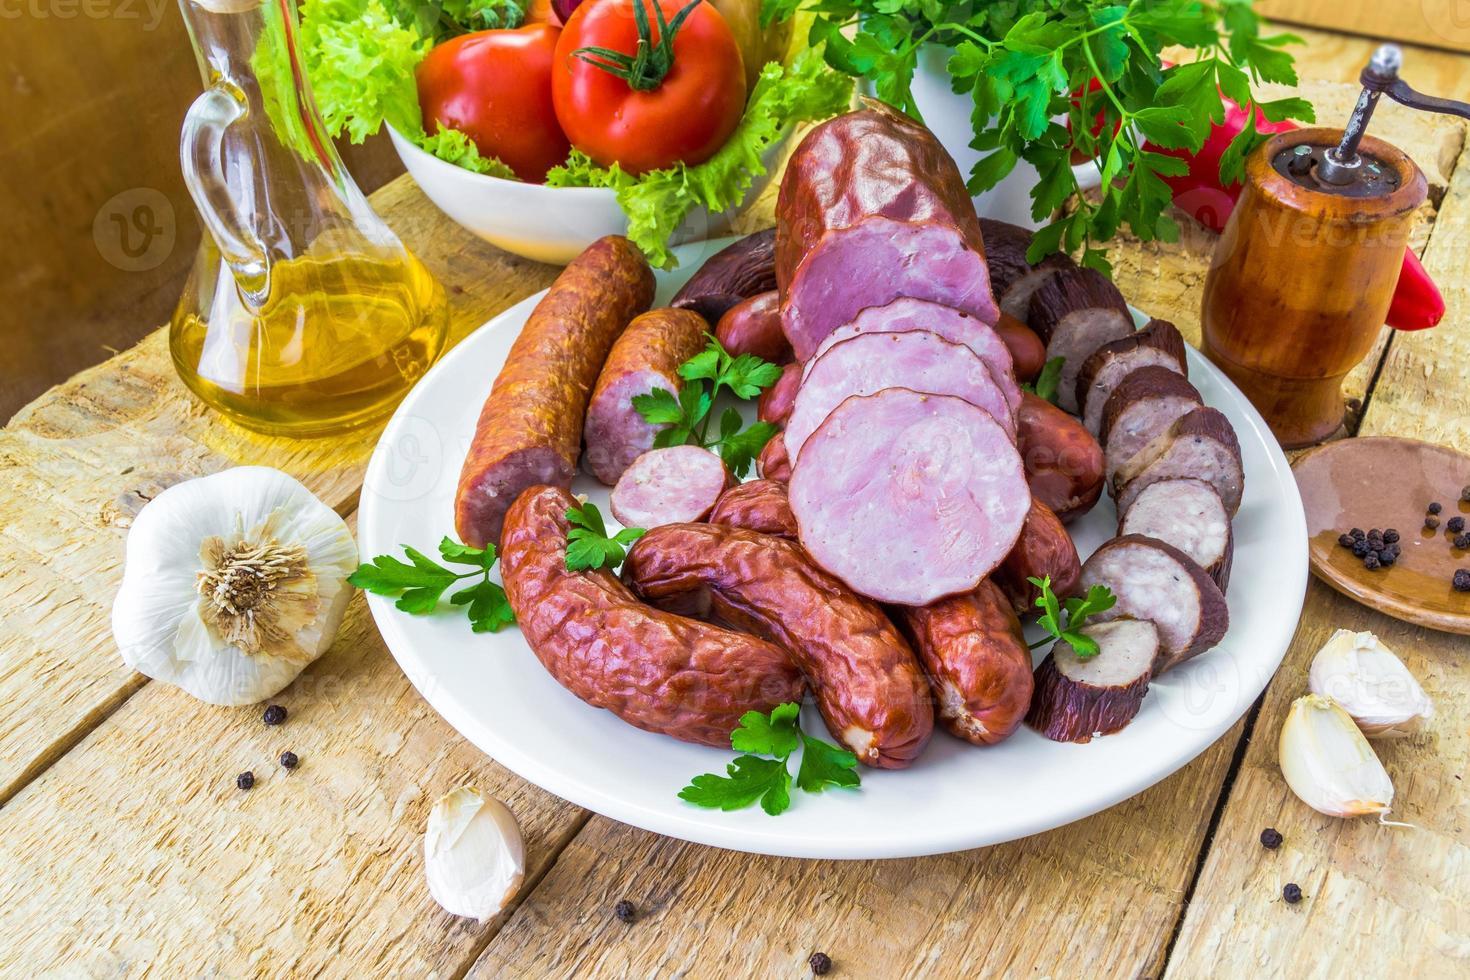 prato vários tipos salsichas rodeado de verduras foto